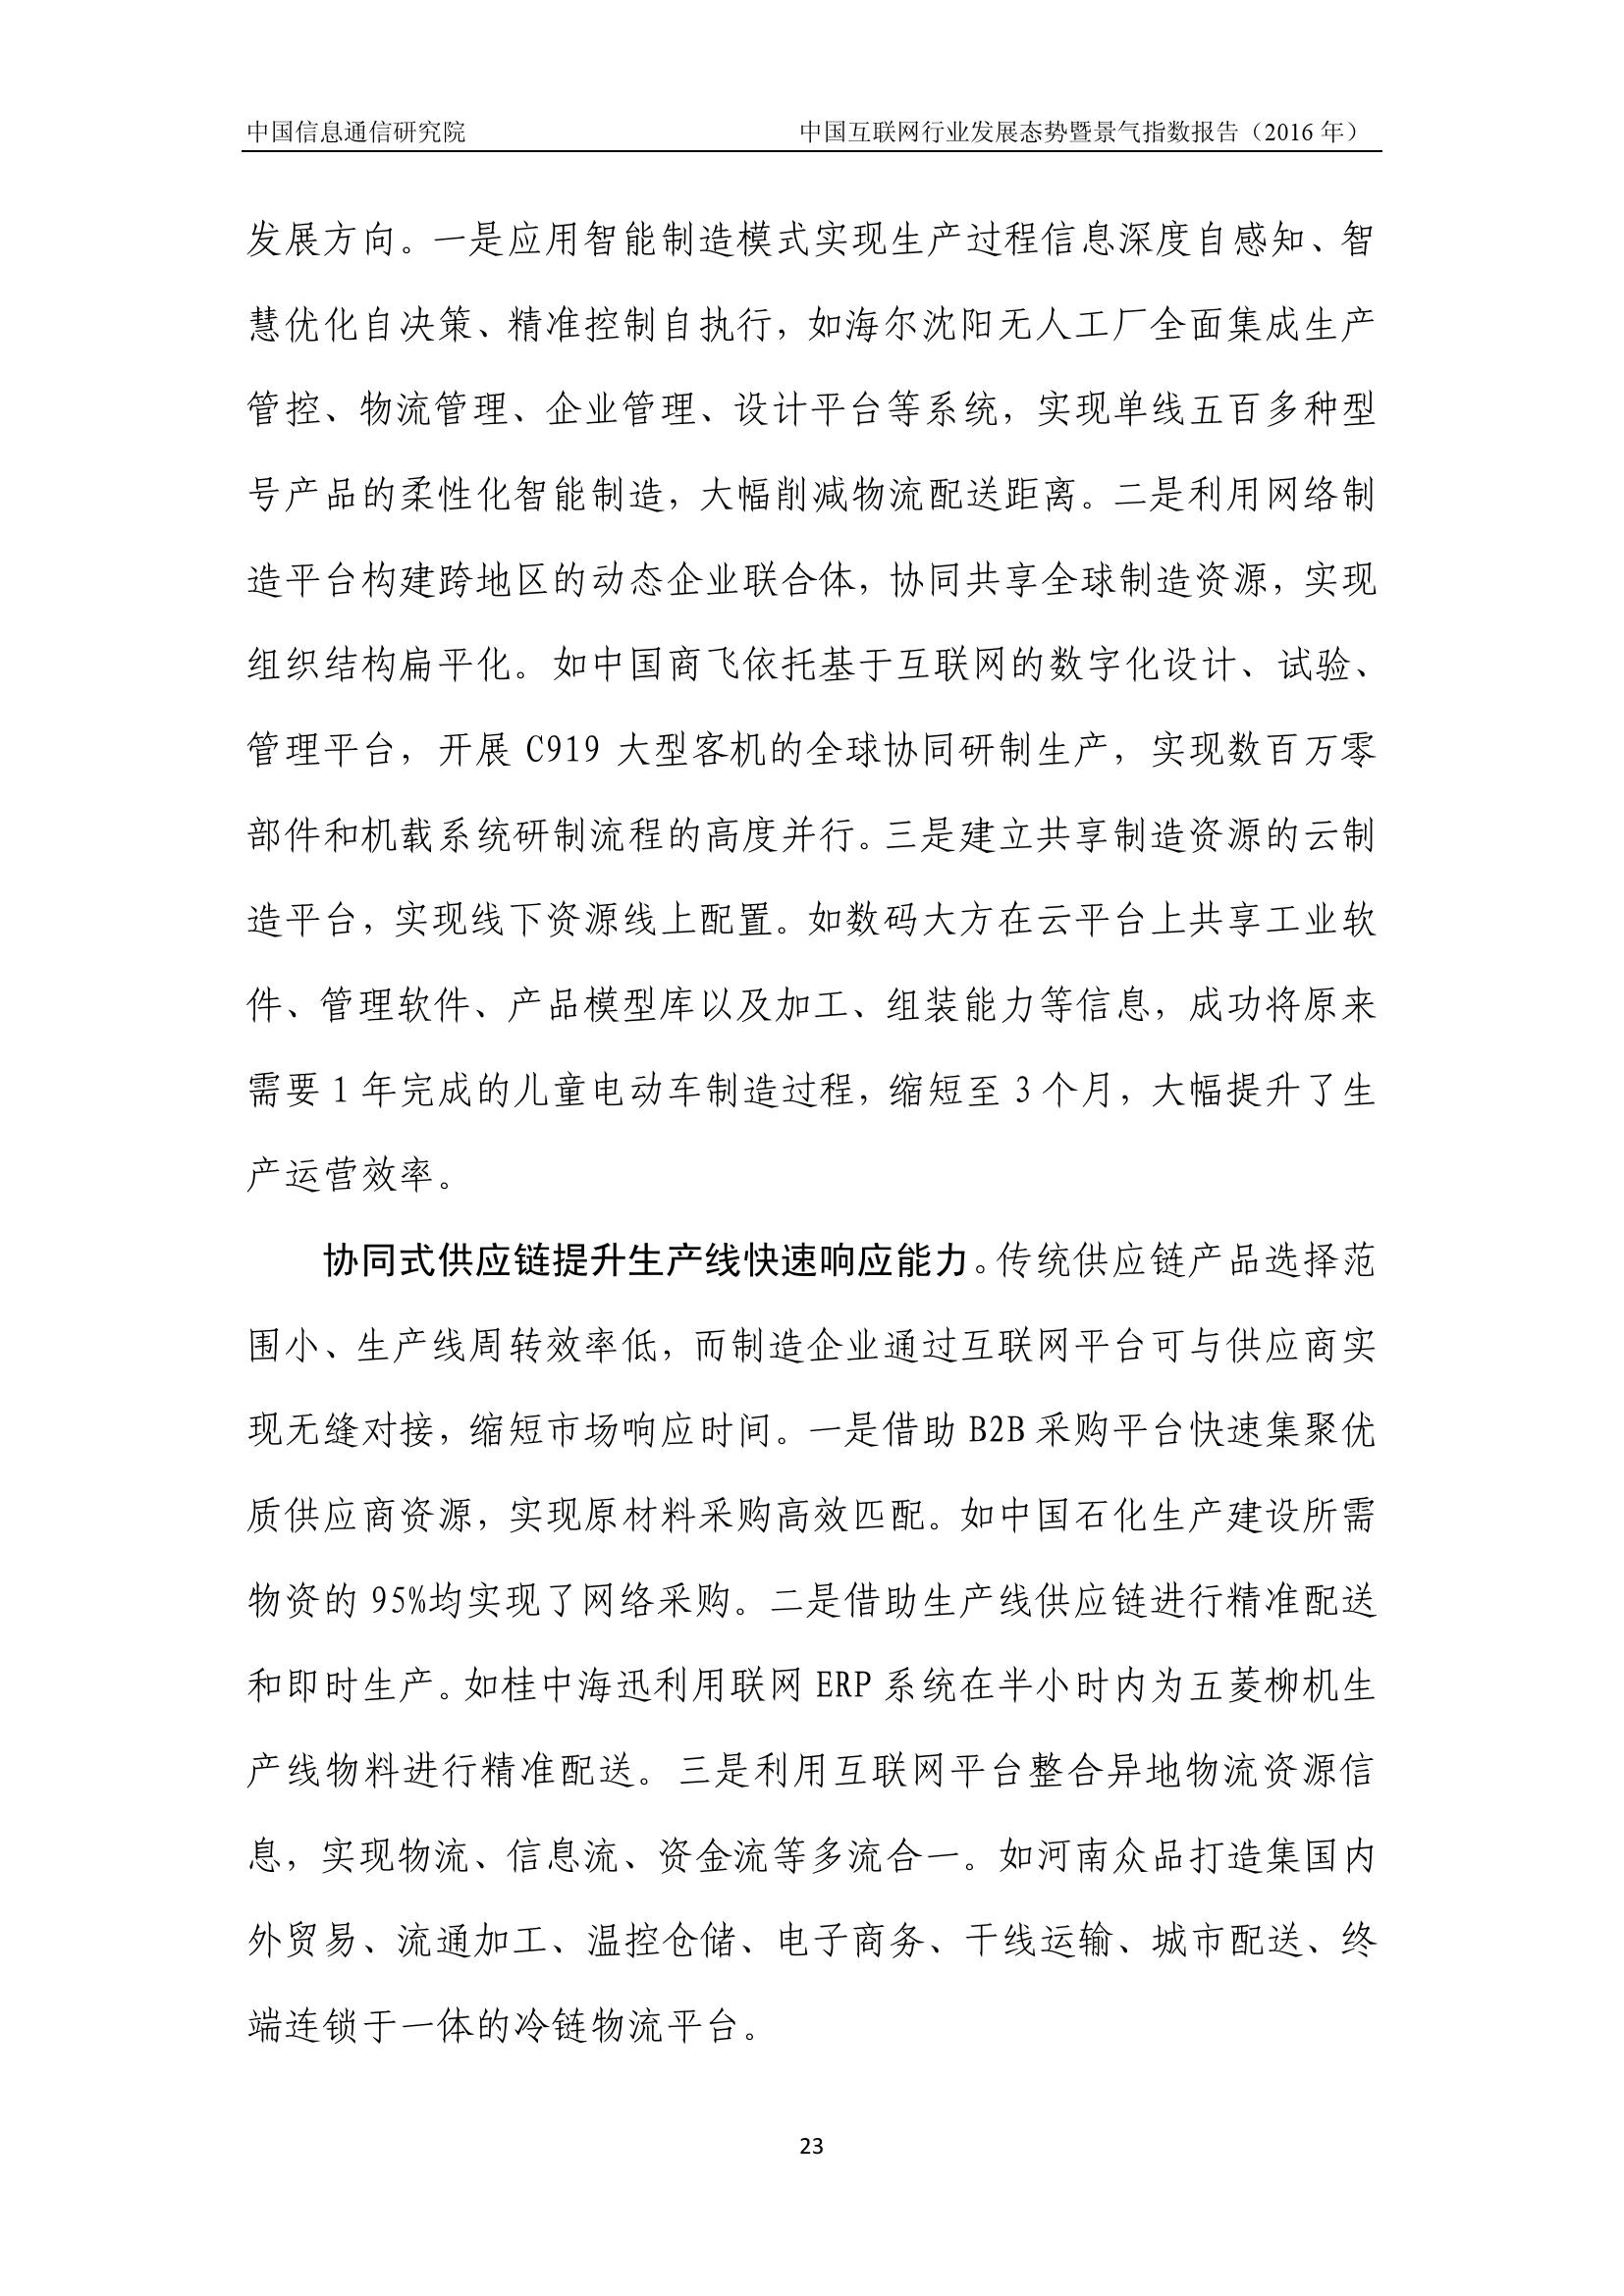 2016年中国互联网行业发展态势暨景气指数报告_000027